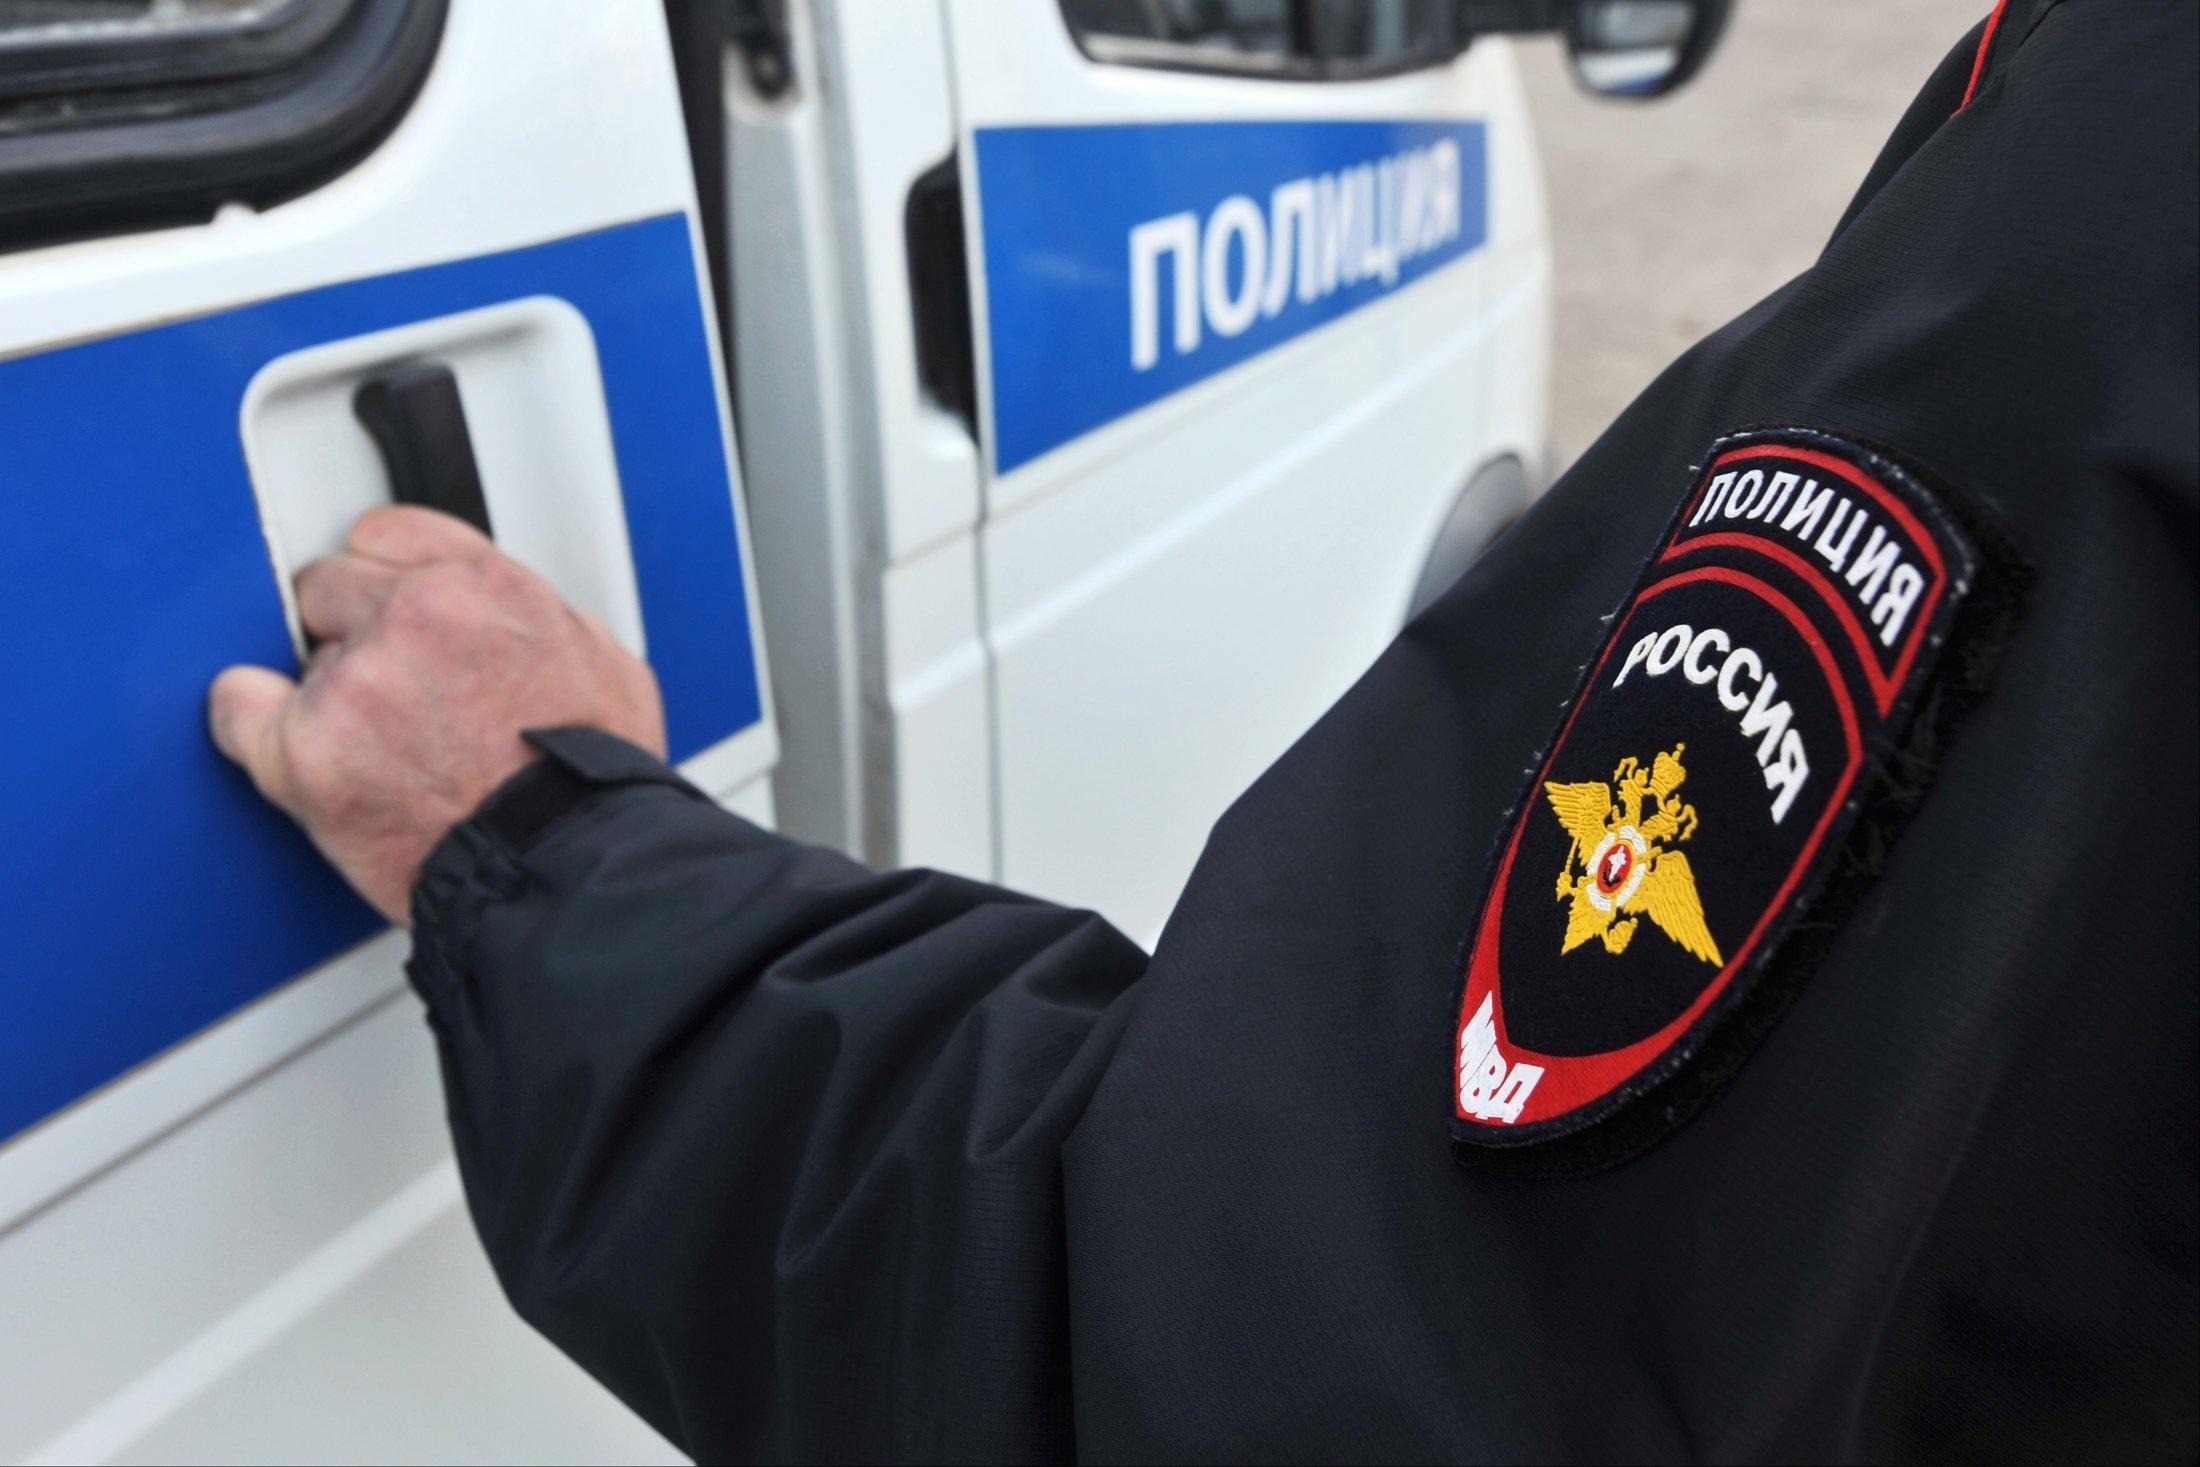 Подробности драки болельщиков в Казани: полиция задержала шестерых участников потасовки